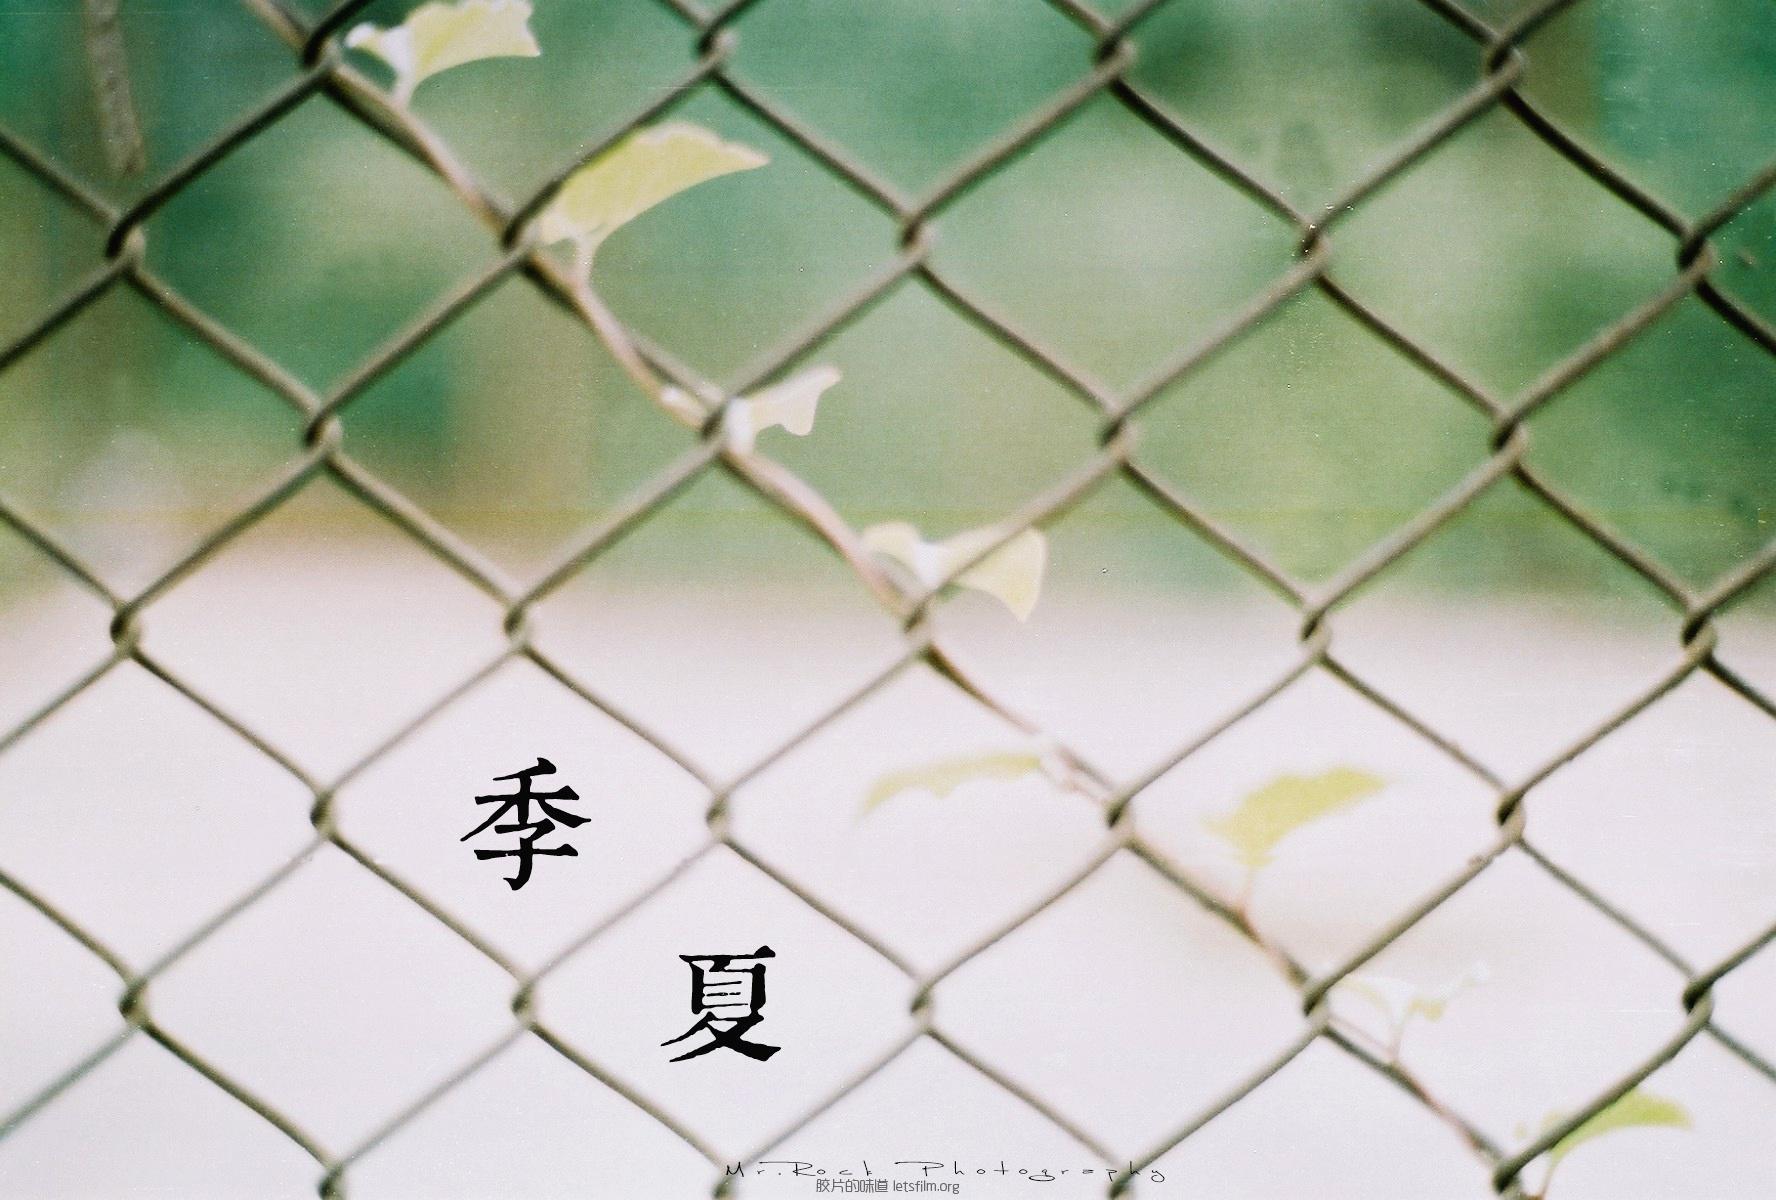 菲林日记·六月季夏 (7)